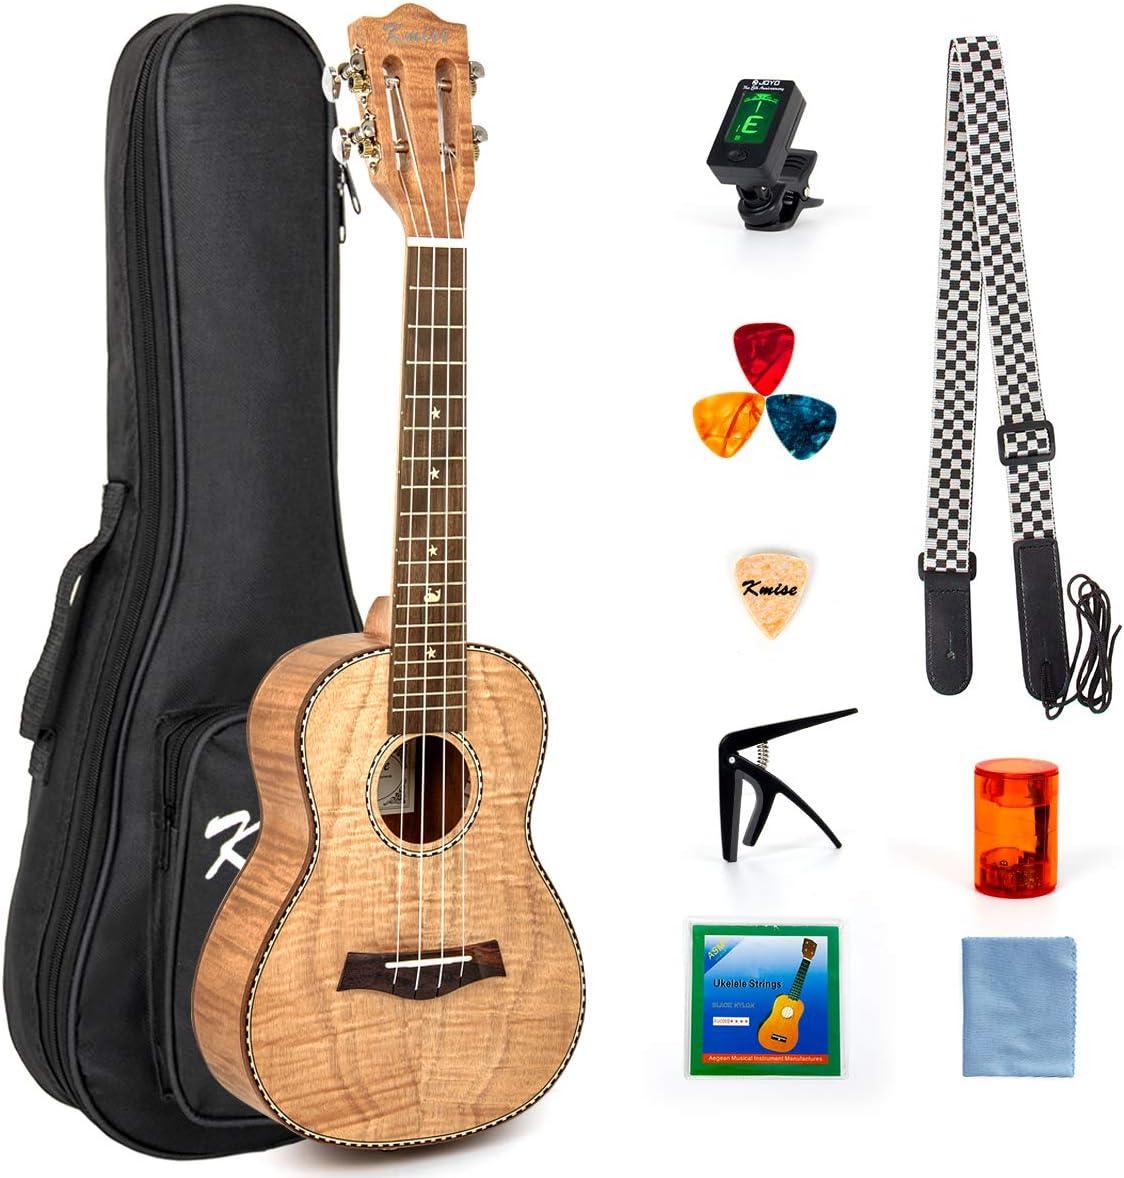 Kmise Tenor Ukulele Zebrawood Ukelele Ukele Uke for Beginner Adult Kid 26 inch 4 String Hawaii Guitar